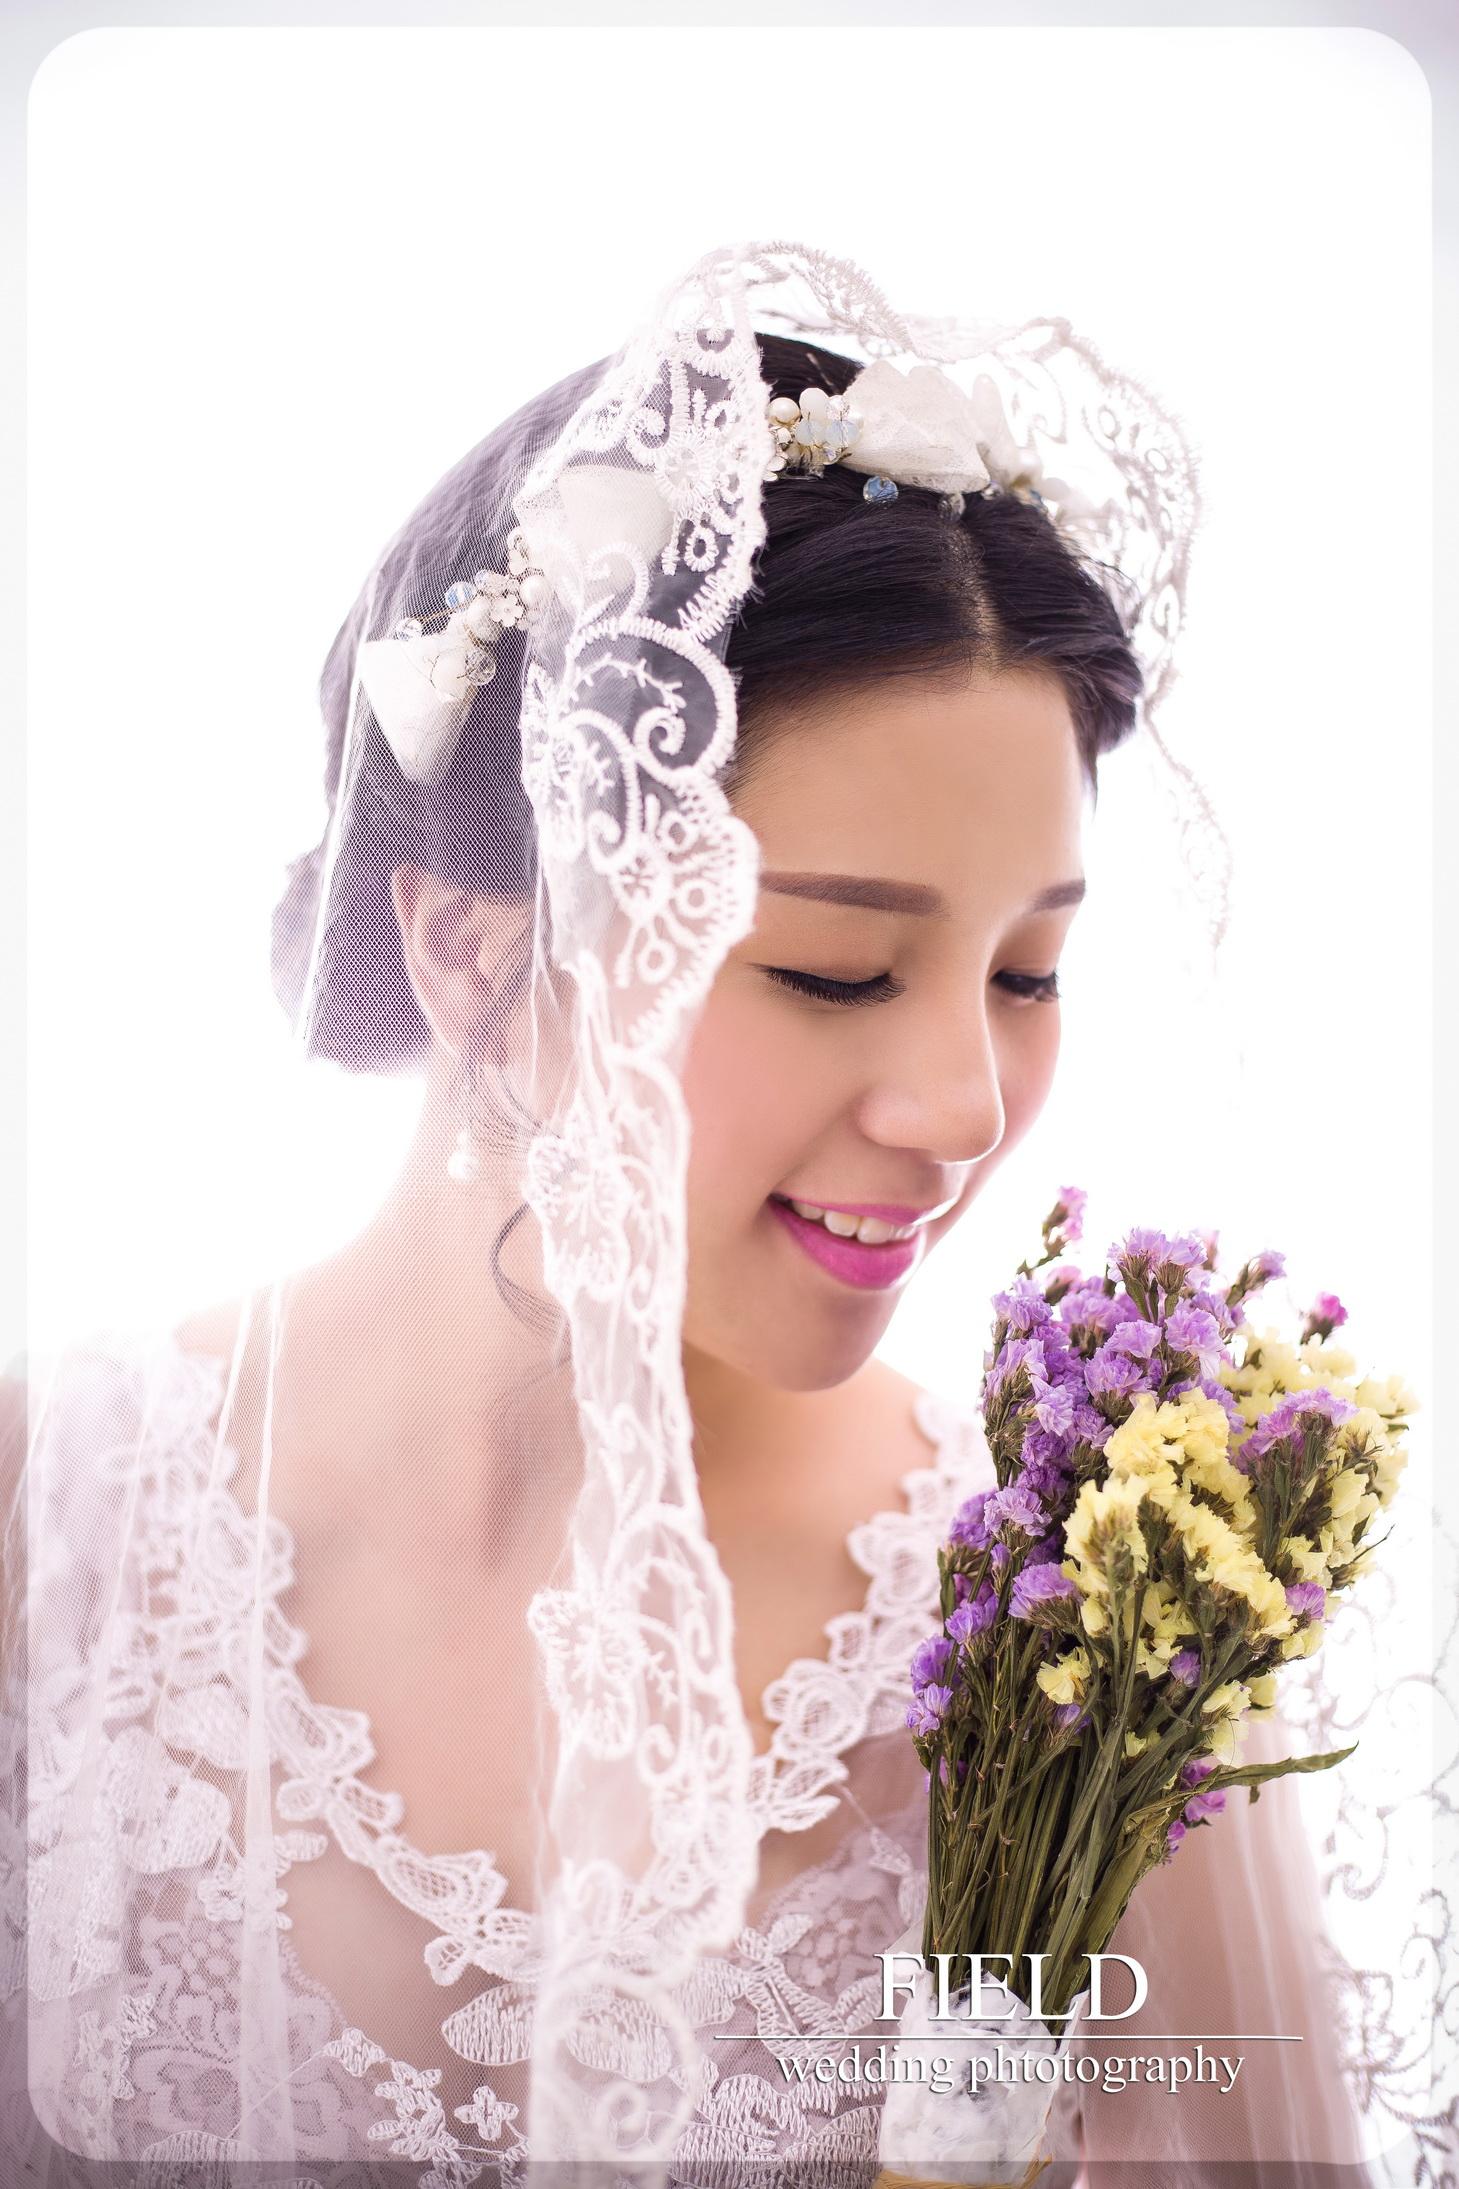 广州孕妇摄影-广州田野婚纱摄影的晒片